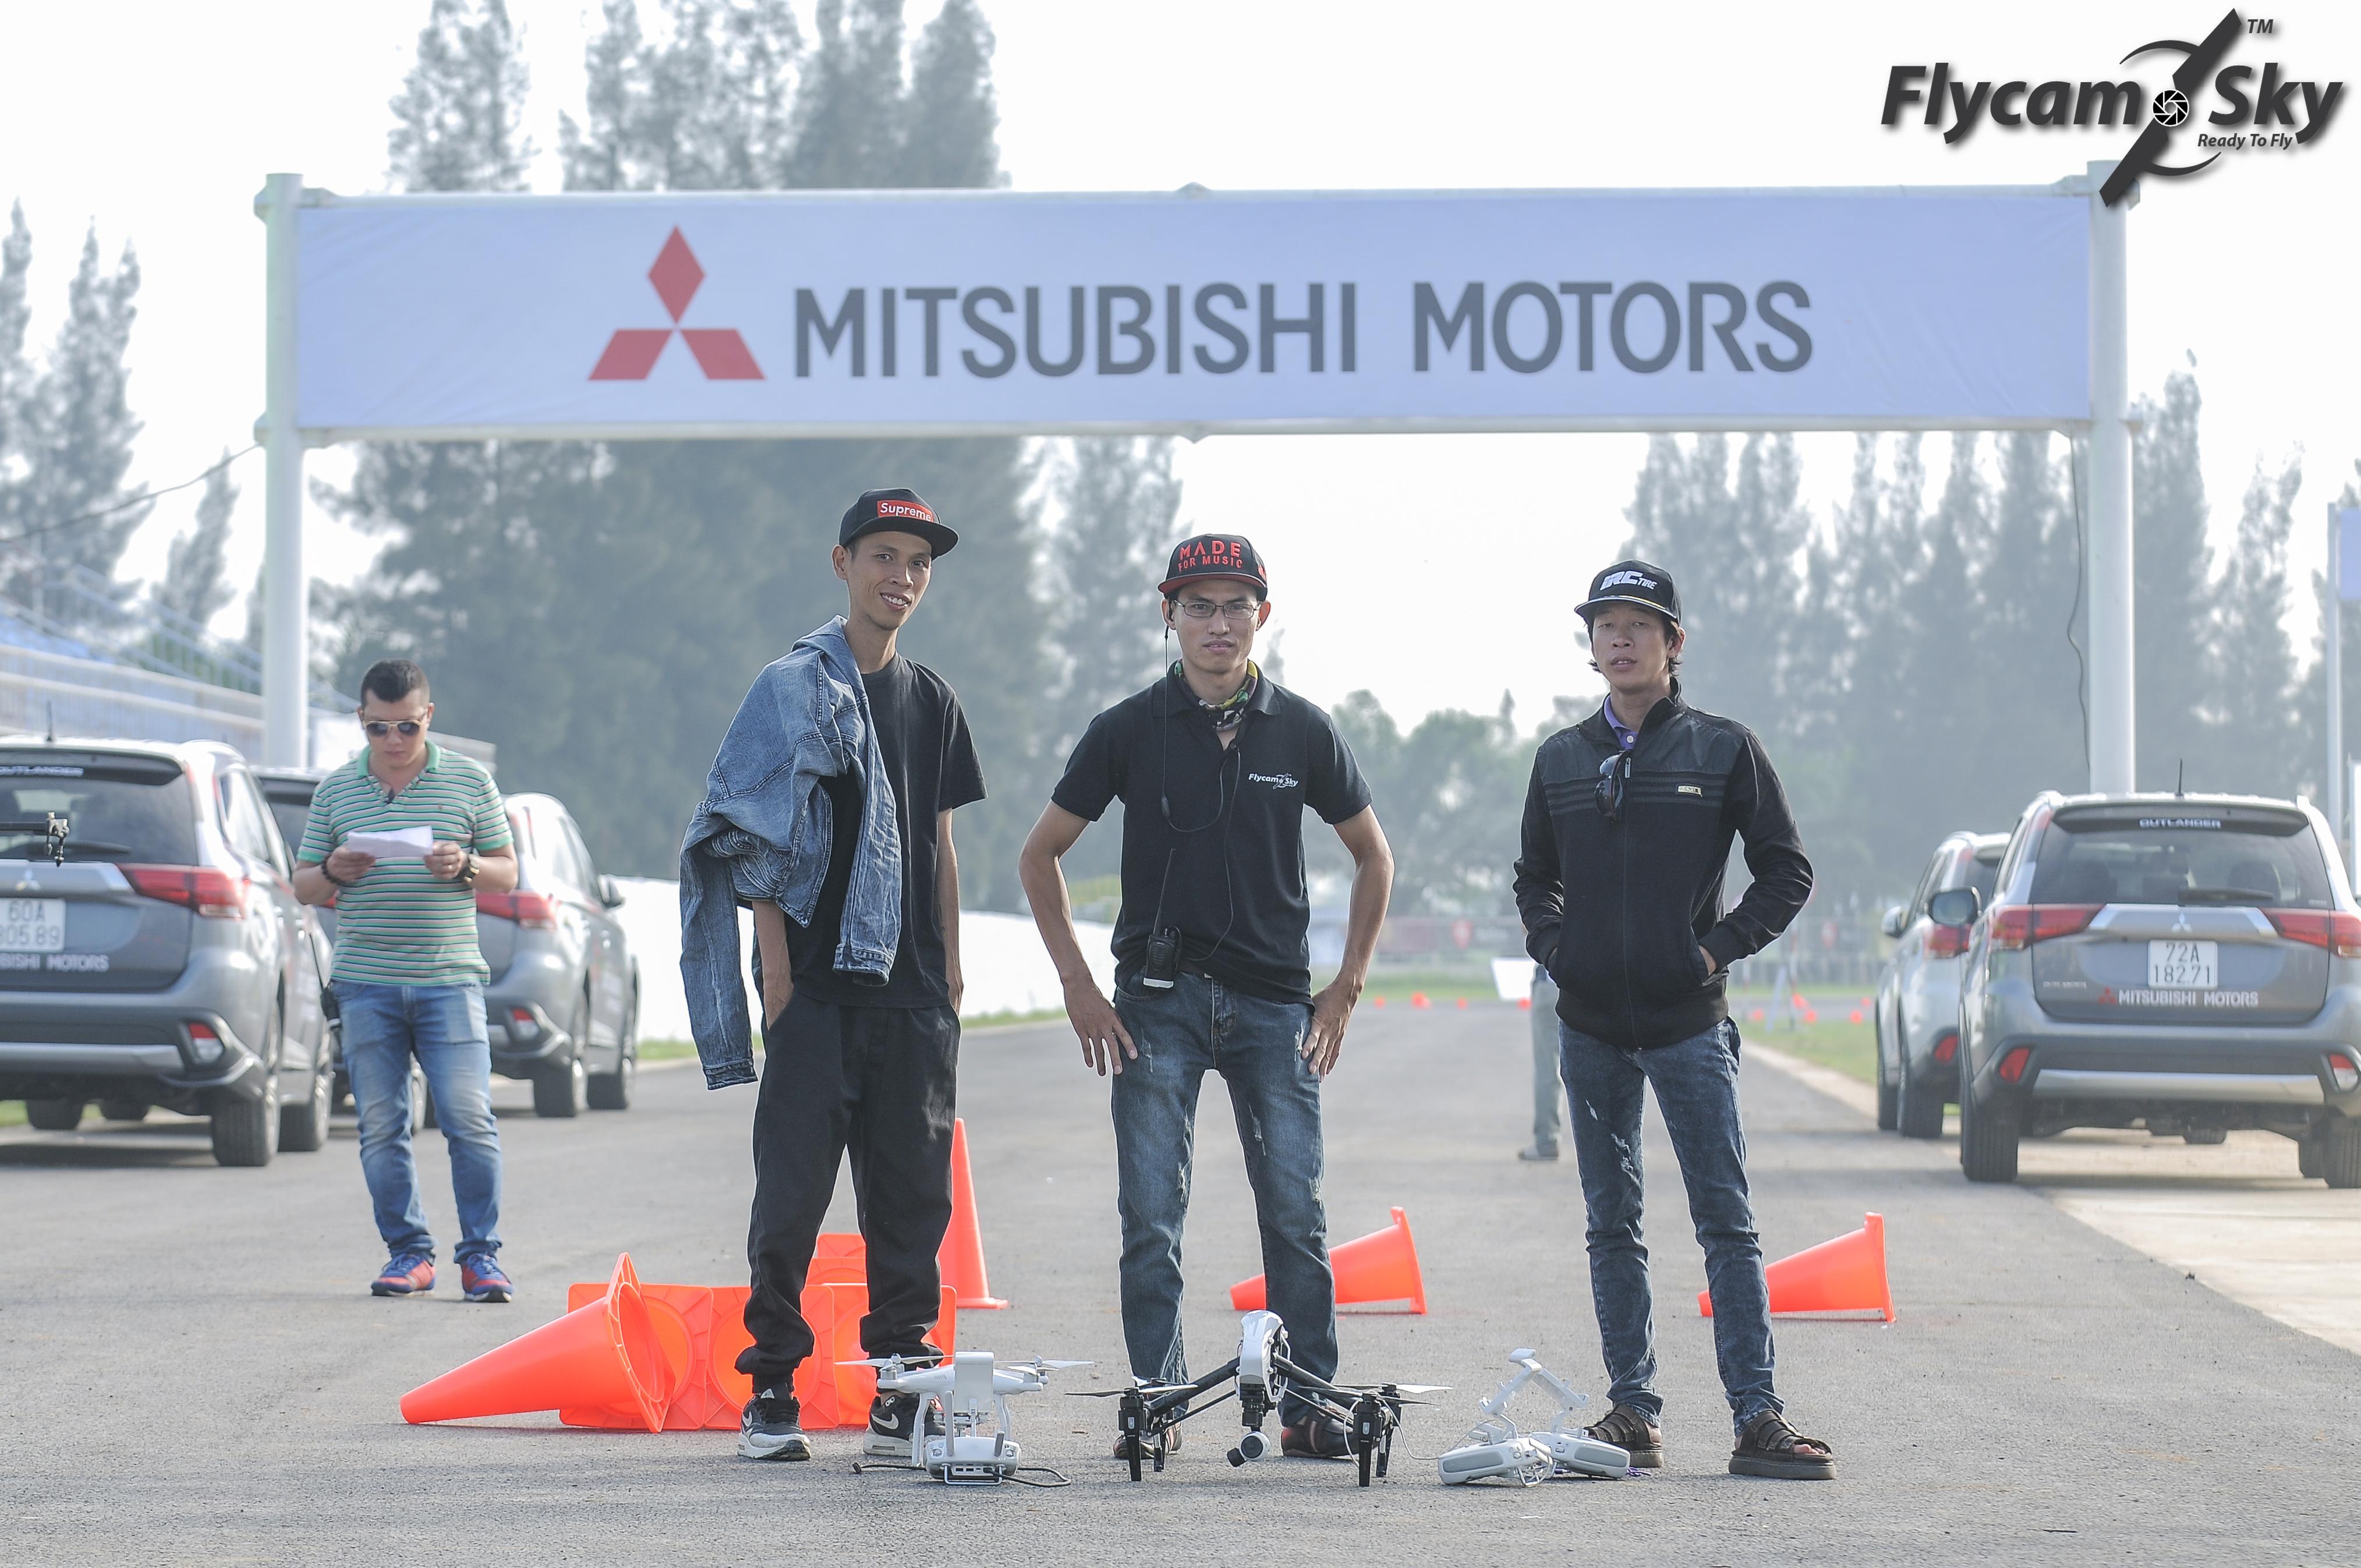 Flycam Sky tác nghiệp tại Sự kiện Mitsubishi Việt Nam ra mắt tại Trường đua Happy Land